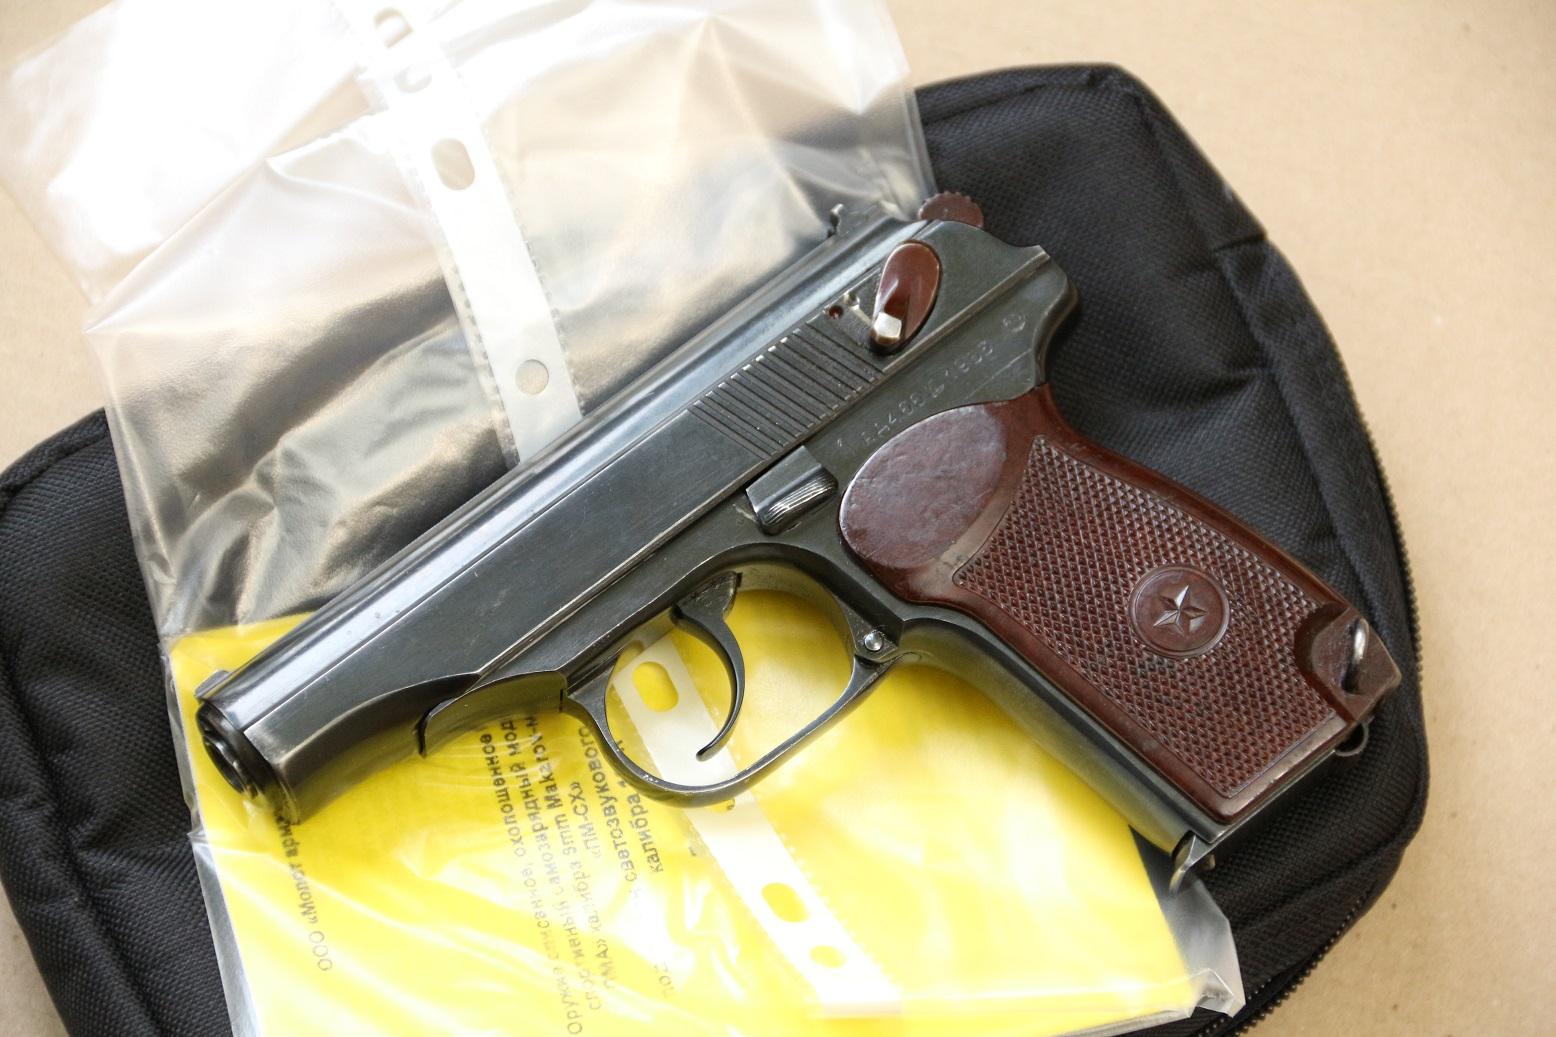 Охолощенный пистолет Макарова ПМ-СХ 1953 года, №АД 466, деактив 2020 года